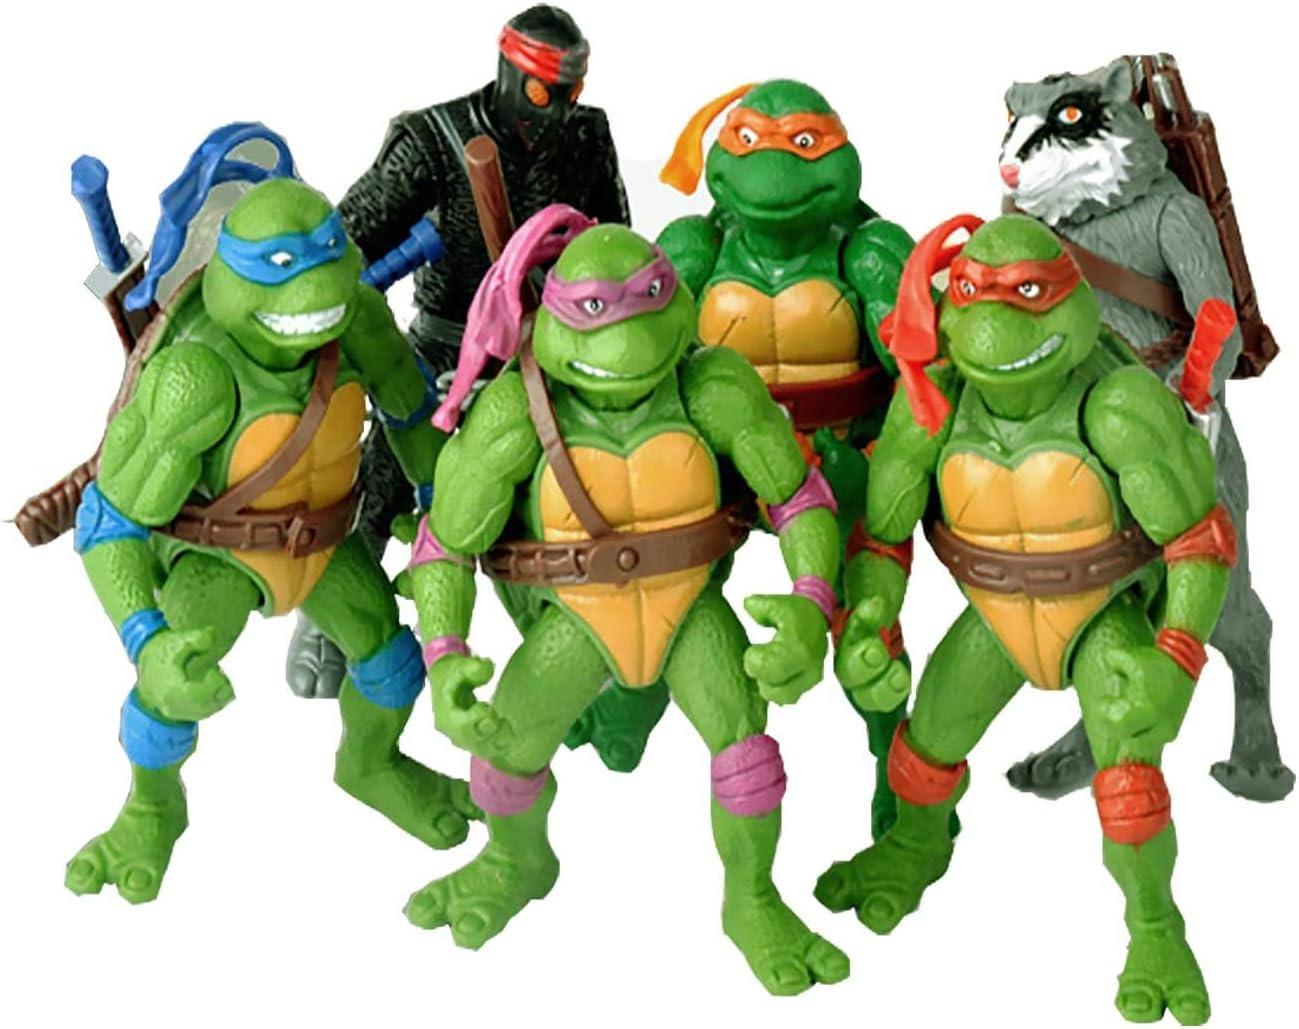 Teenage Mutant Ninja Turtles TMNT Action Figures Ninja Turtles Toy Set,Ninja Turtles Set of 6 PCS